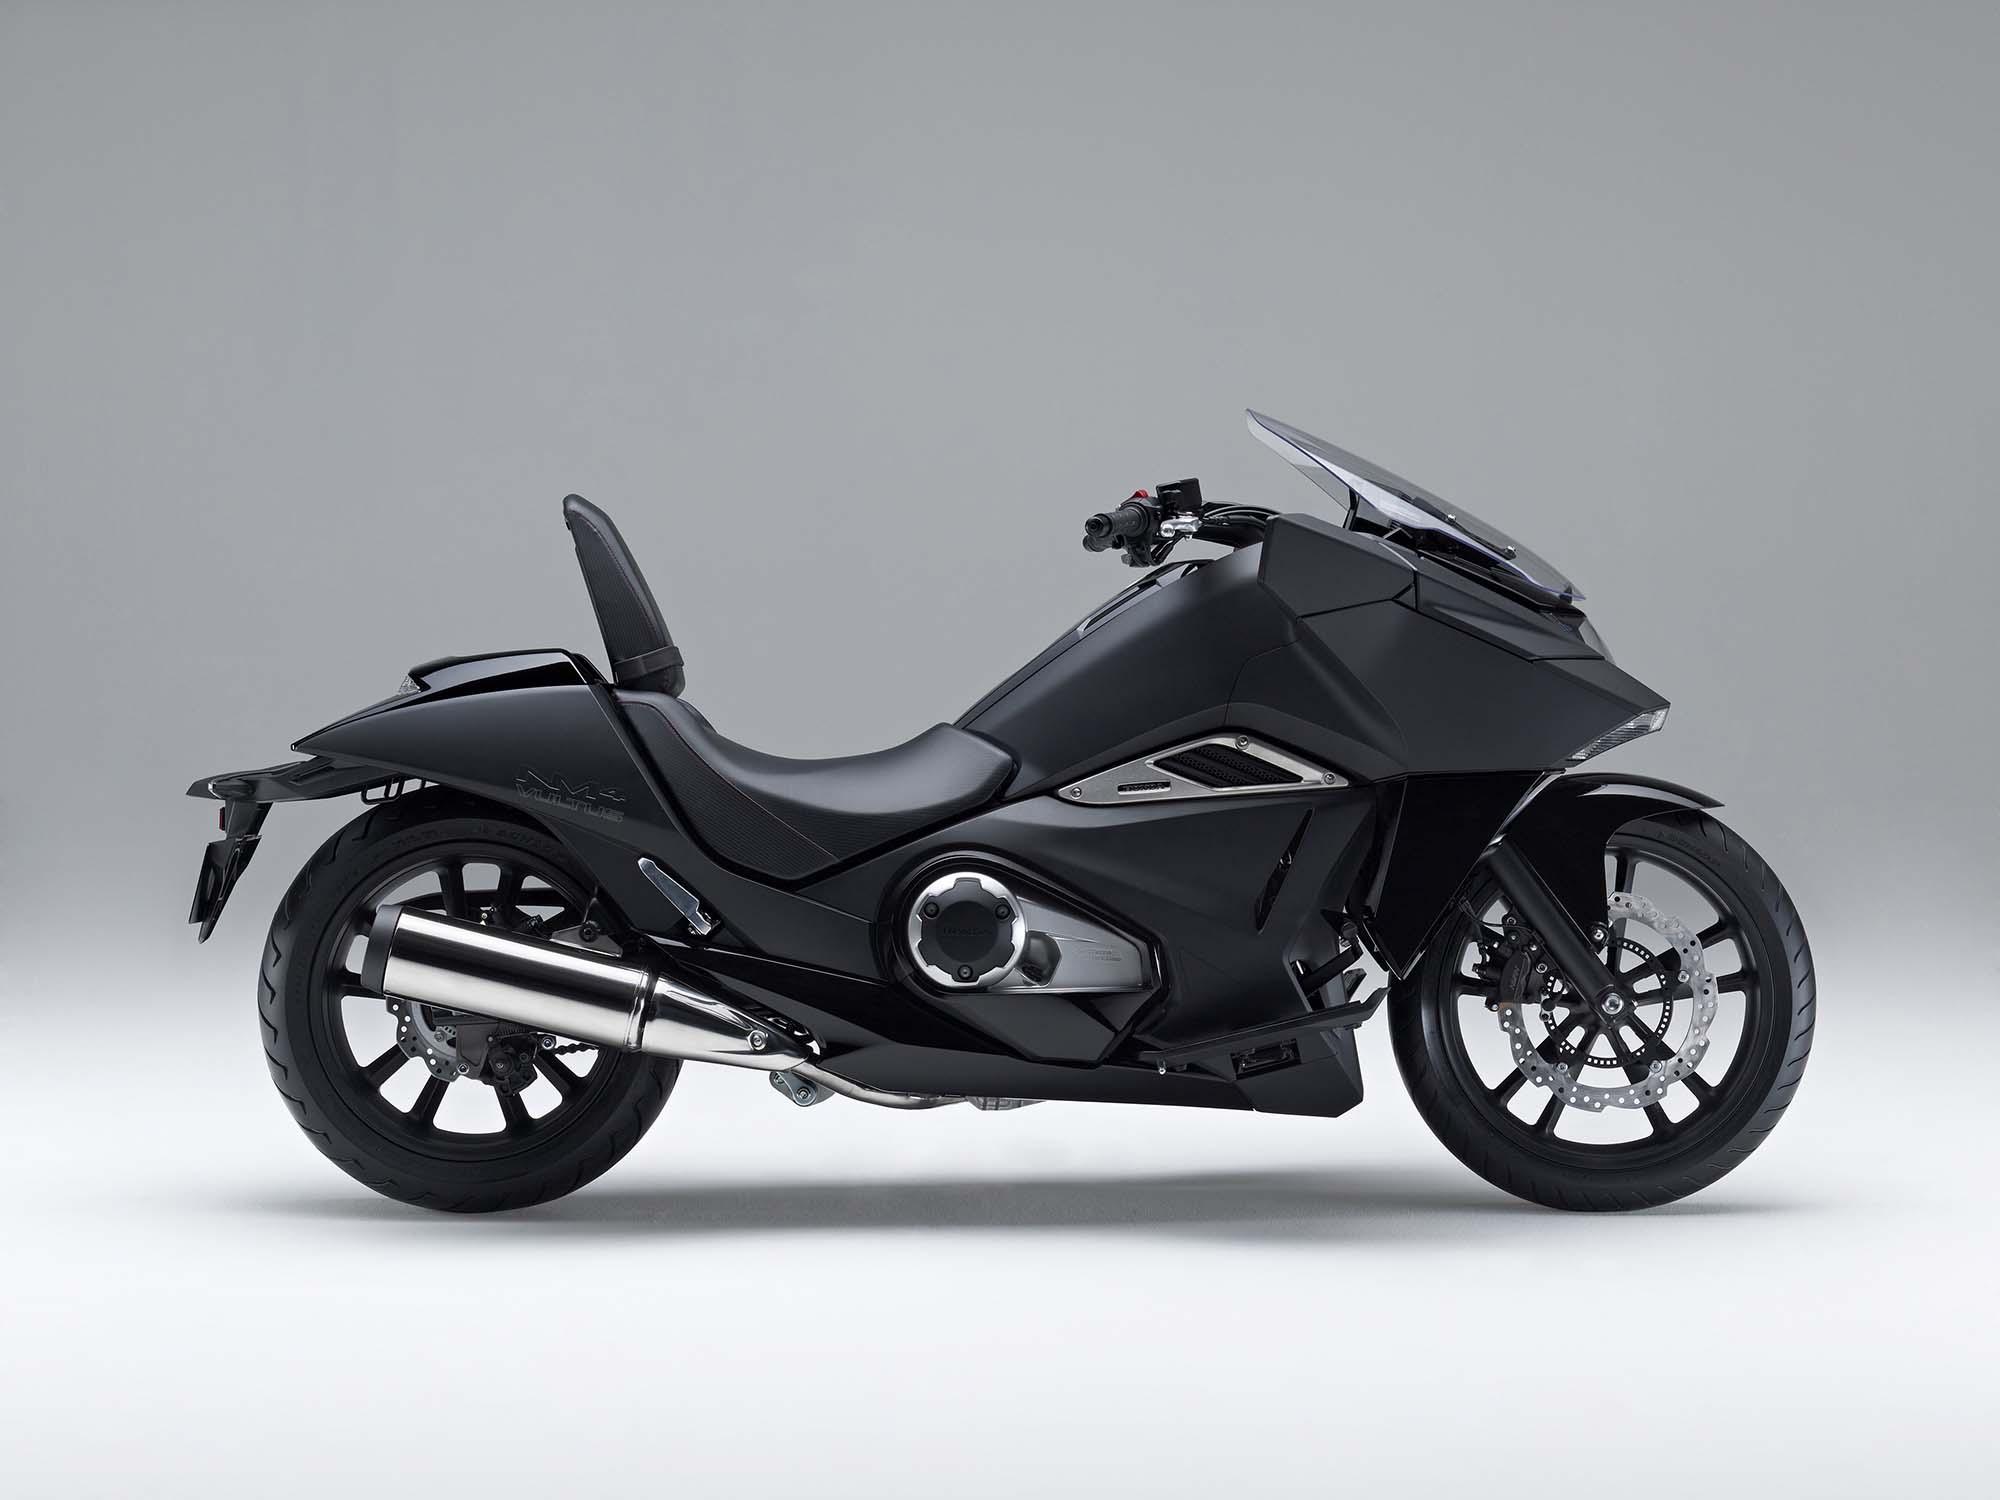 2014 Honda NM4 Vultus Debuts in Japan - Asphalt & Rubber